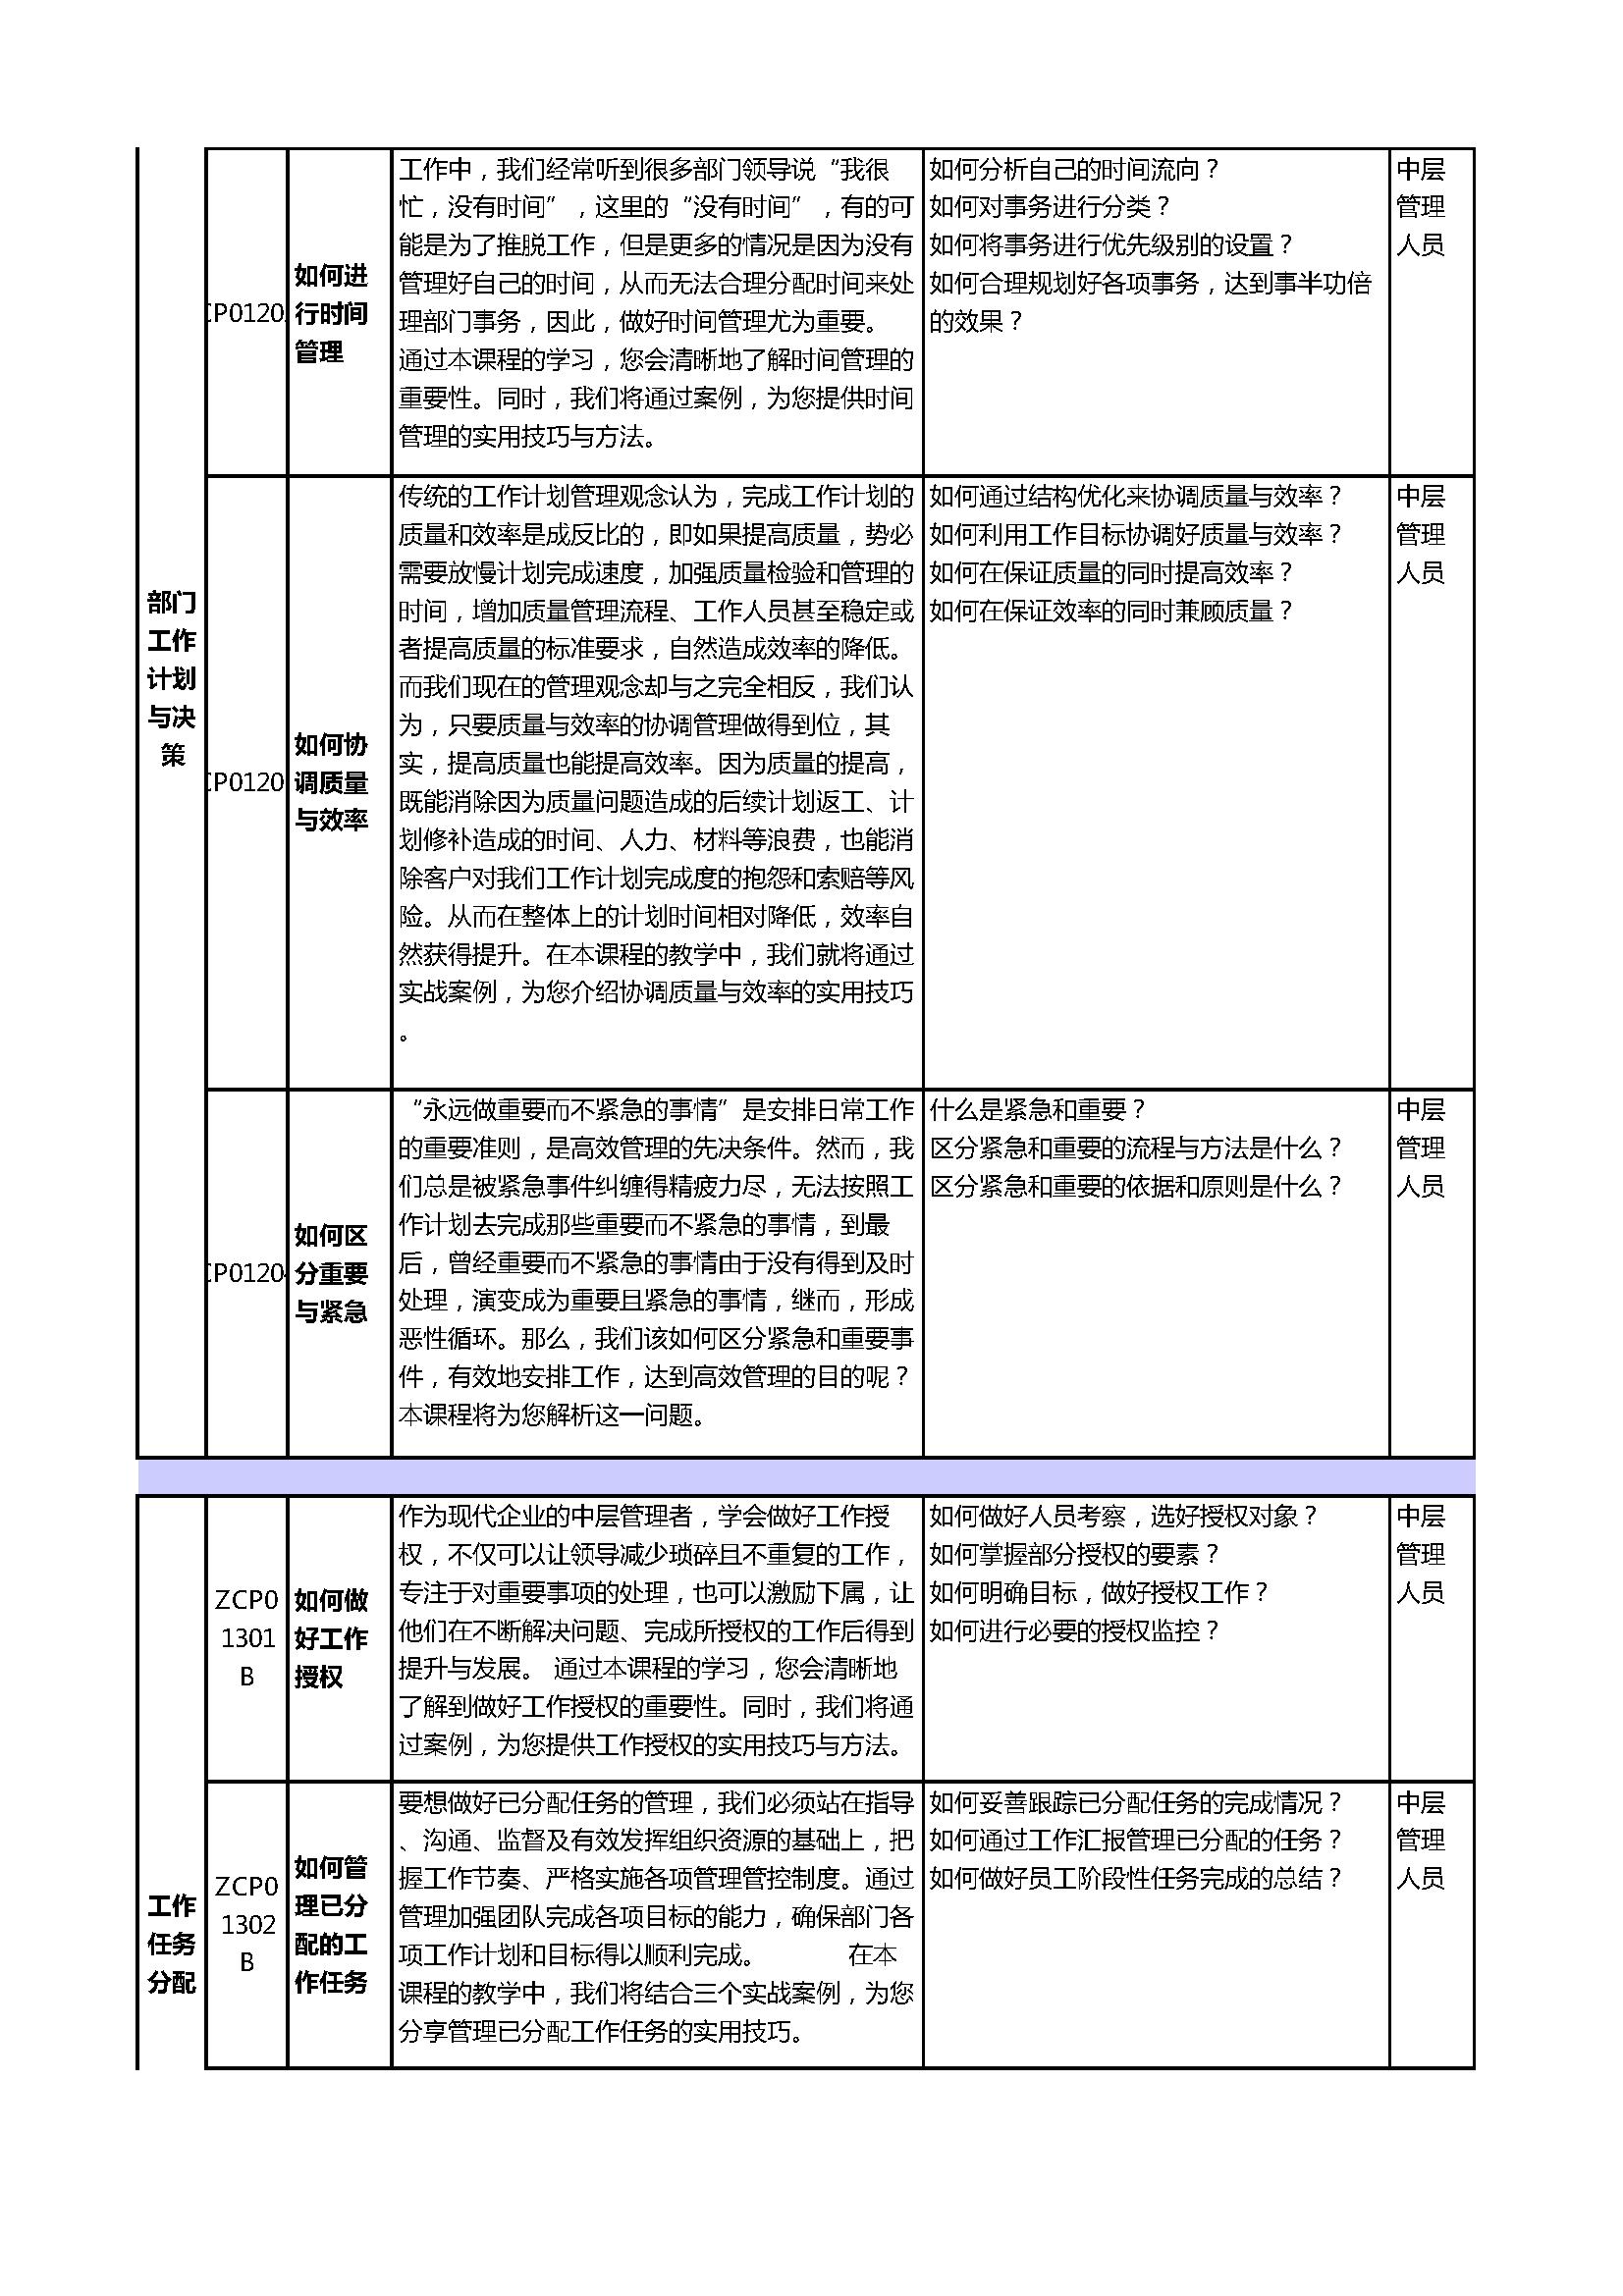 创孵学院拟定课程目录_页面_011.png